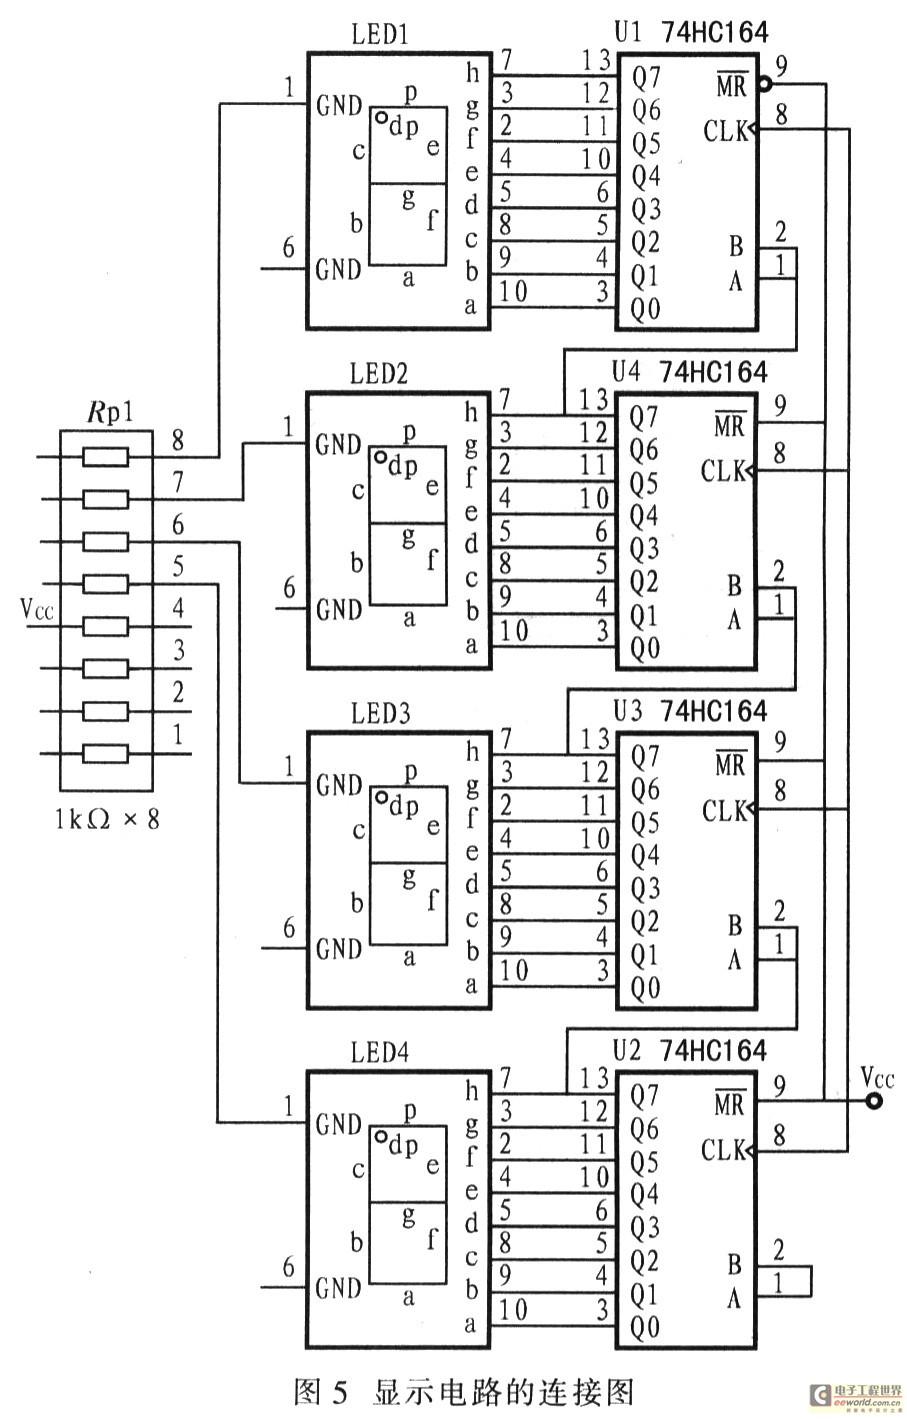 基于at89c51&dsl8820的数字温度计设计图片